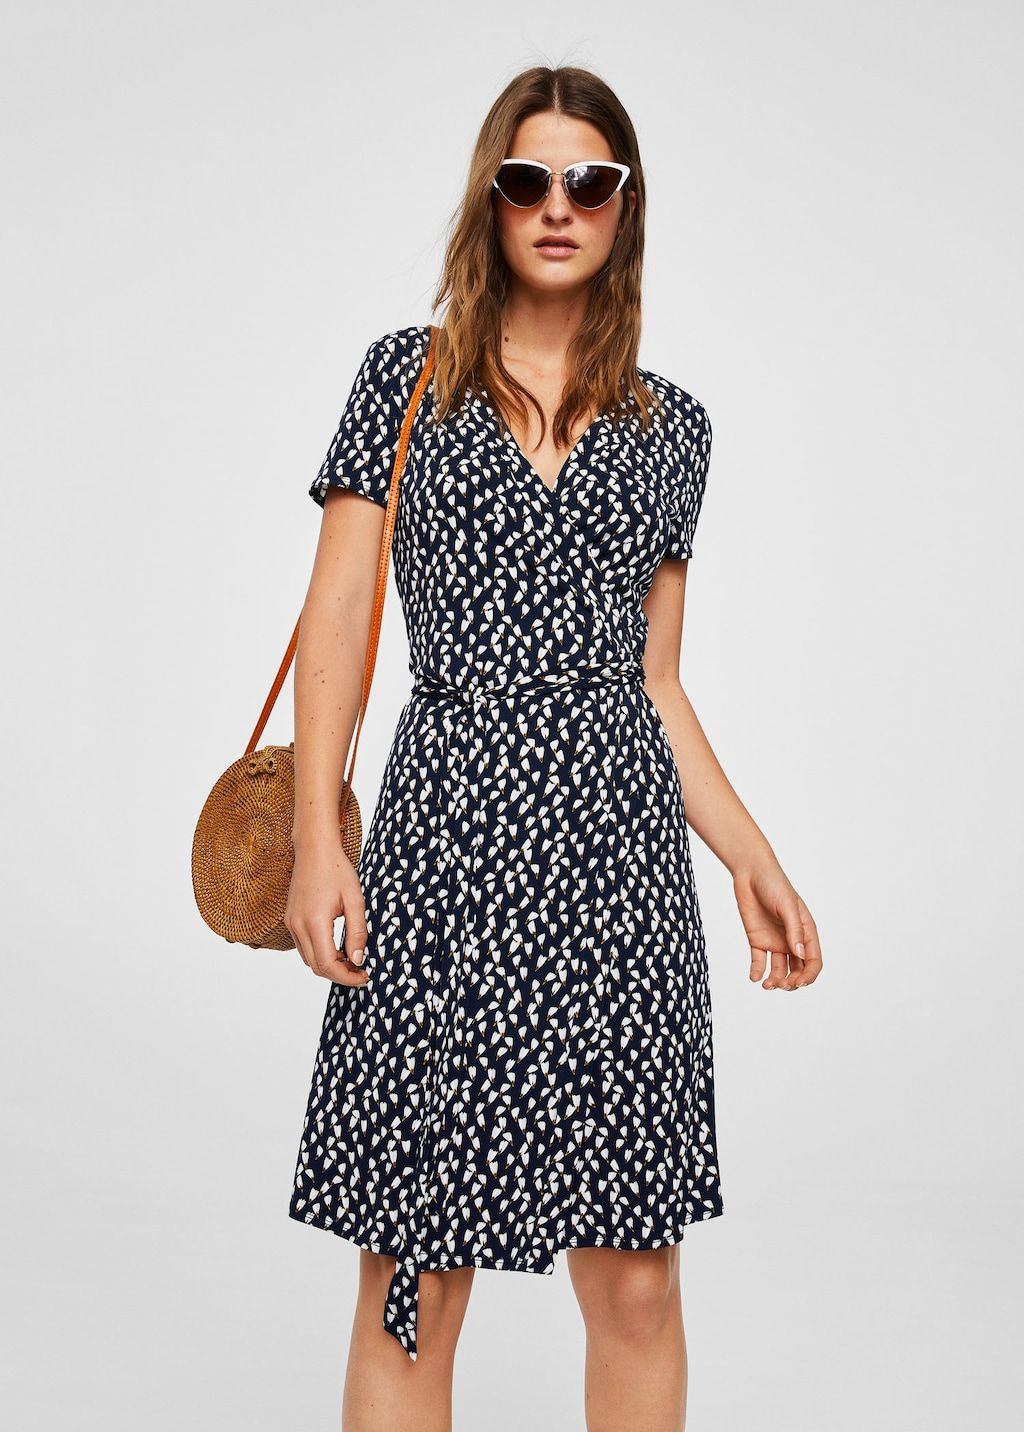 Fashion style Shopping sundresses roundup for lady